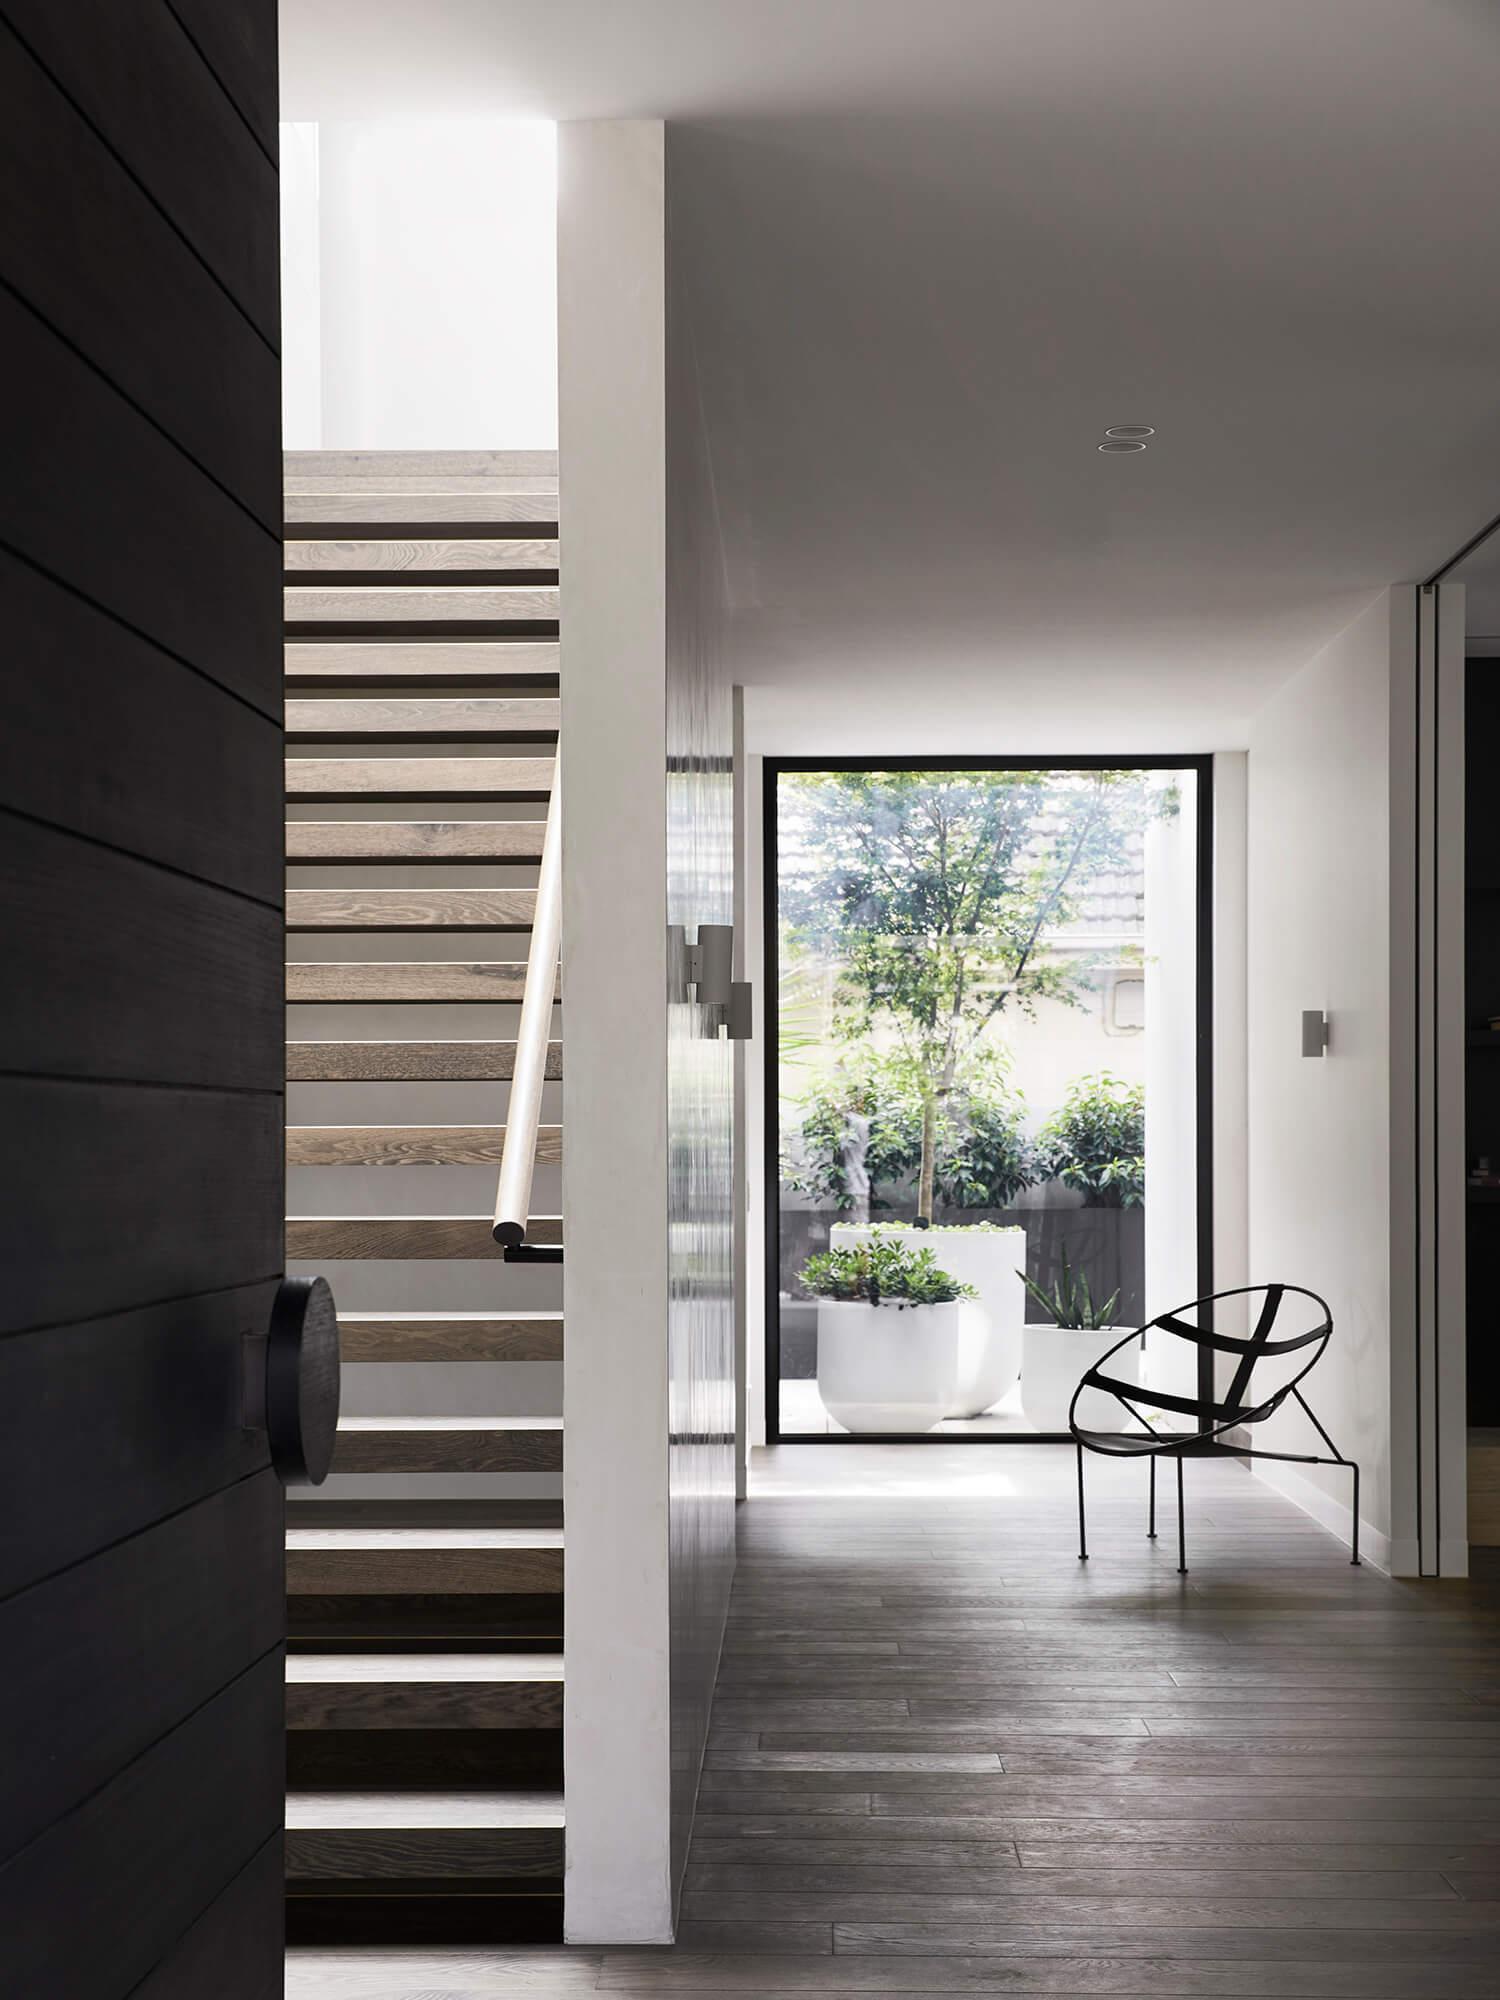 C Residence | Studio Tate